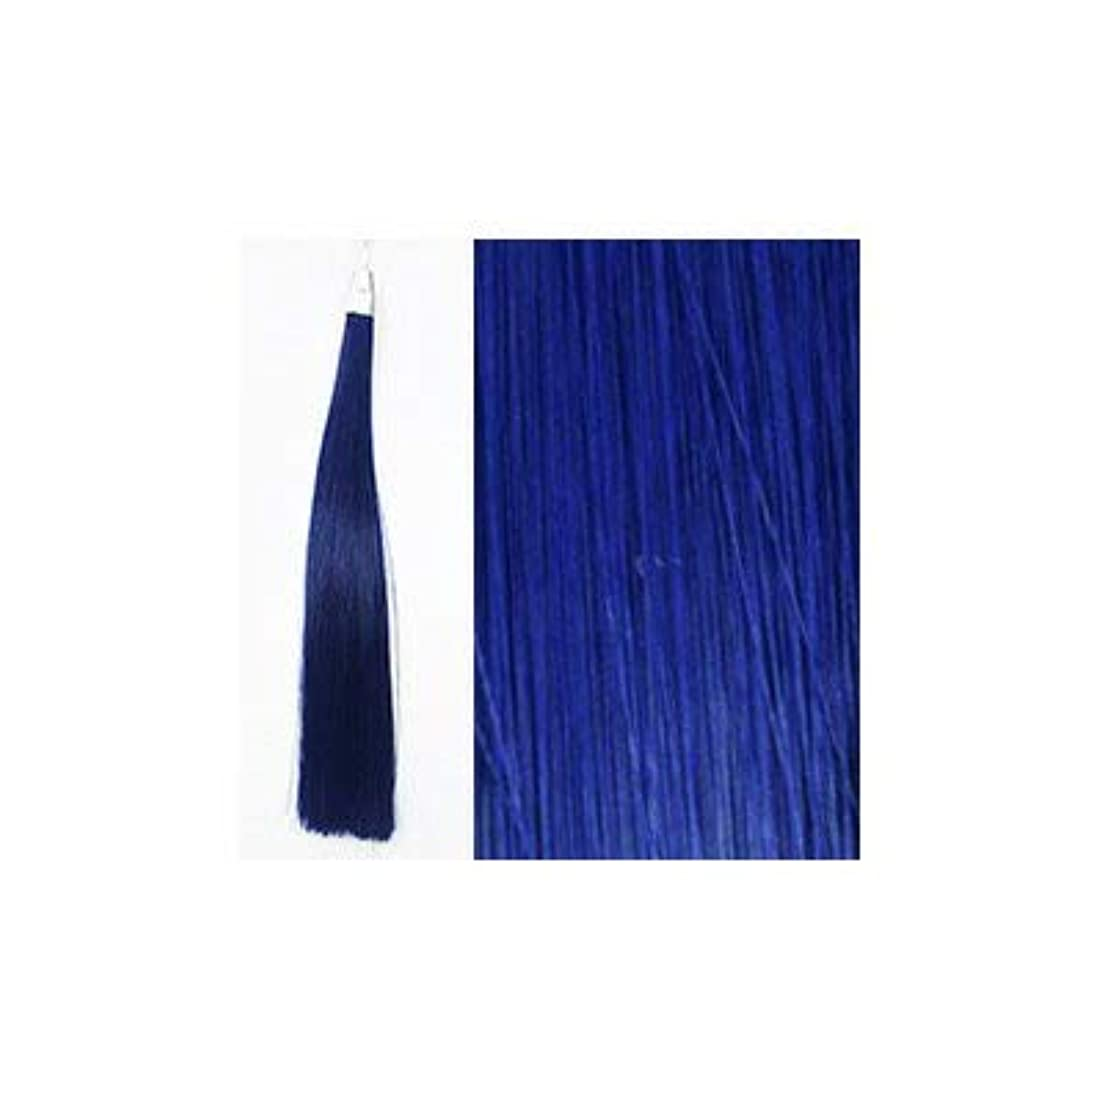 しかしながら説明的マートカミエク ヘアーエクステンション ブルー 6本毛